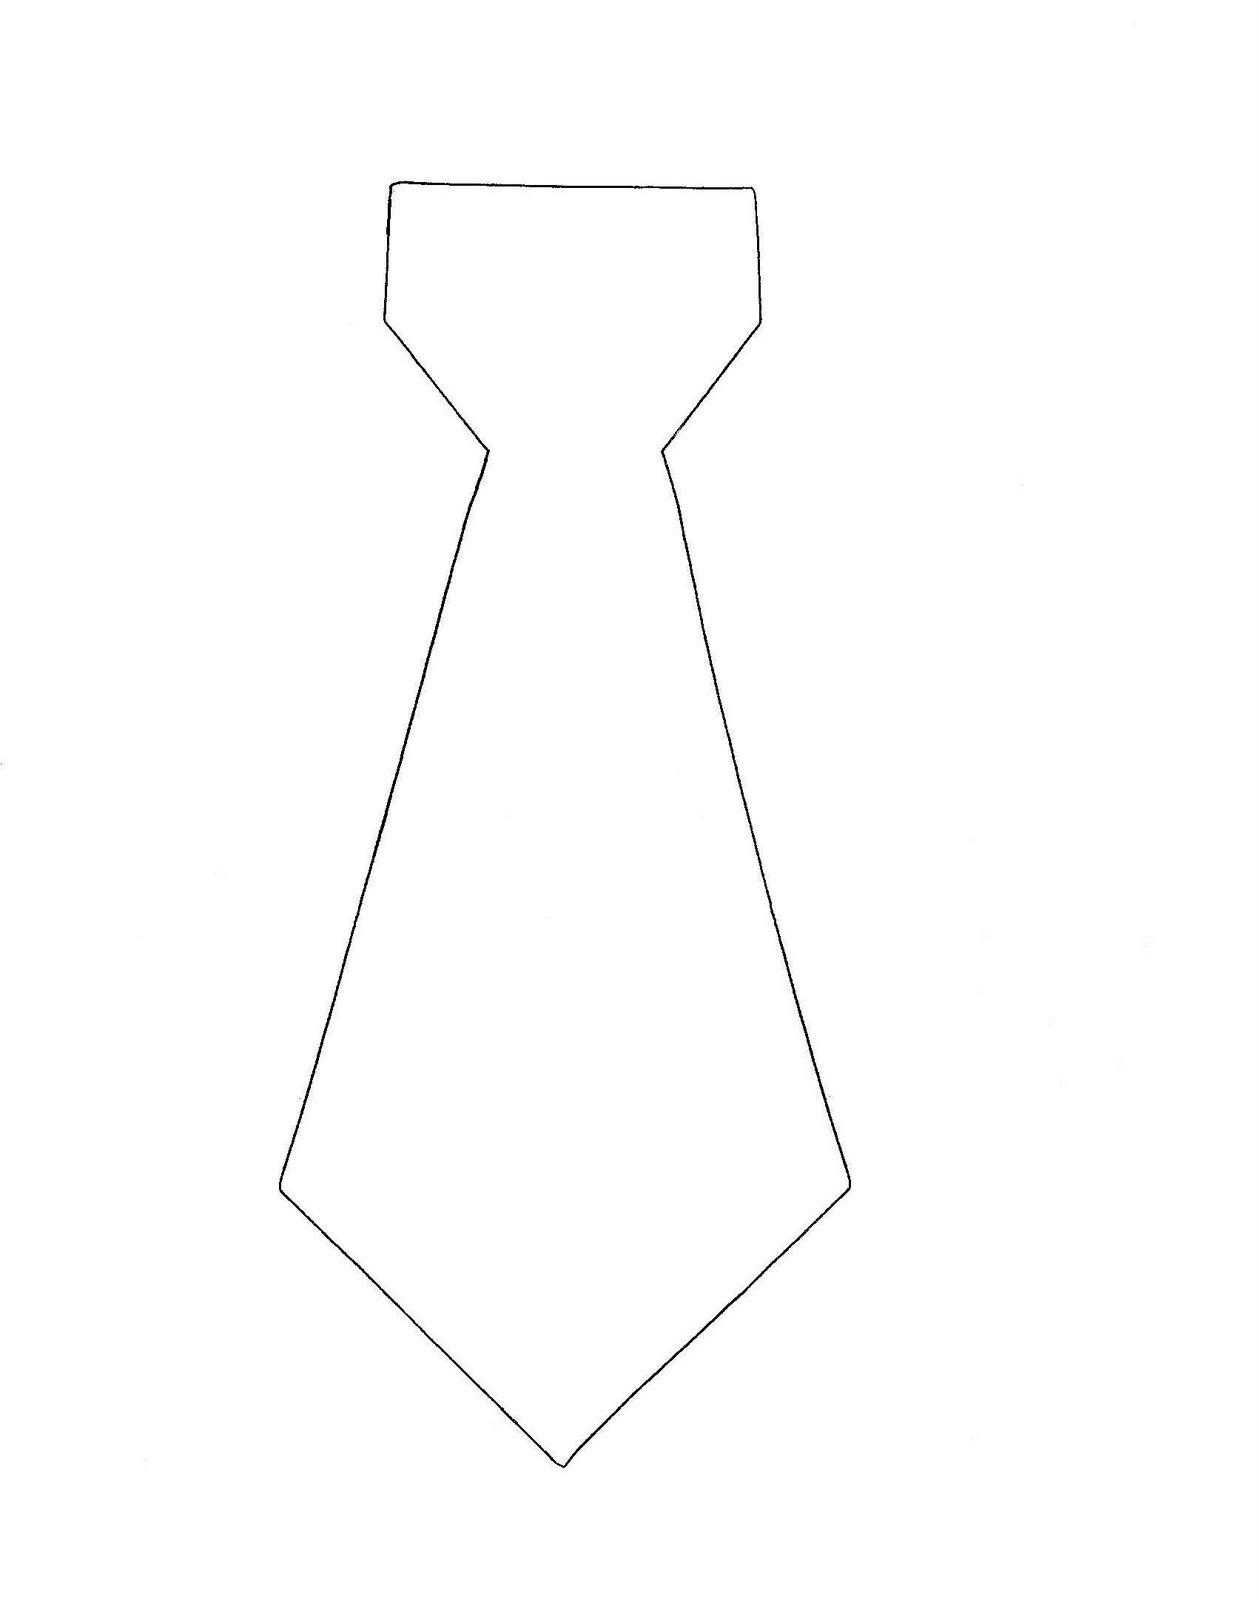 11 Images Of Free Printable Tie Template | Somaek - Free Printable Tie